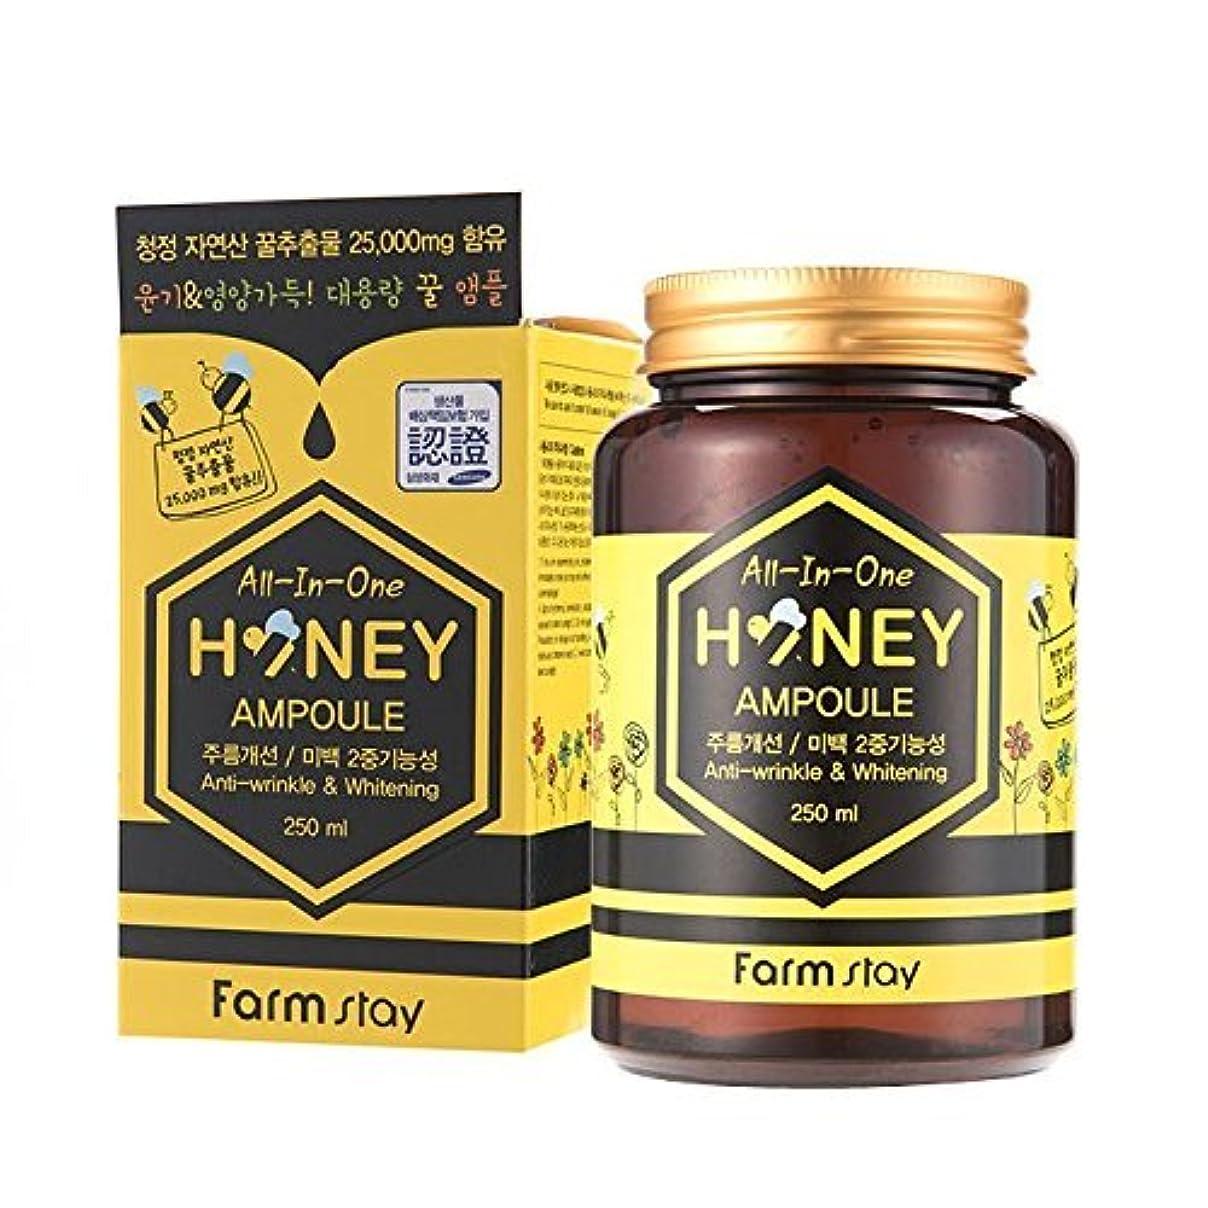 政治的セーブ手段ファームステイ[韓国コスメFarm Stay]All In One Honey Ampoule オールインワンハニーアンプル250ml/ローヤルゼリー、プロポリス [並行輸入品]